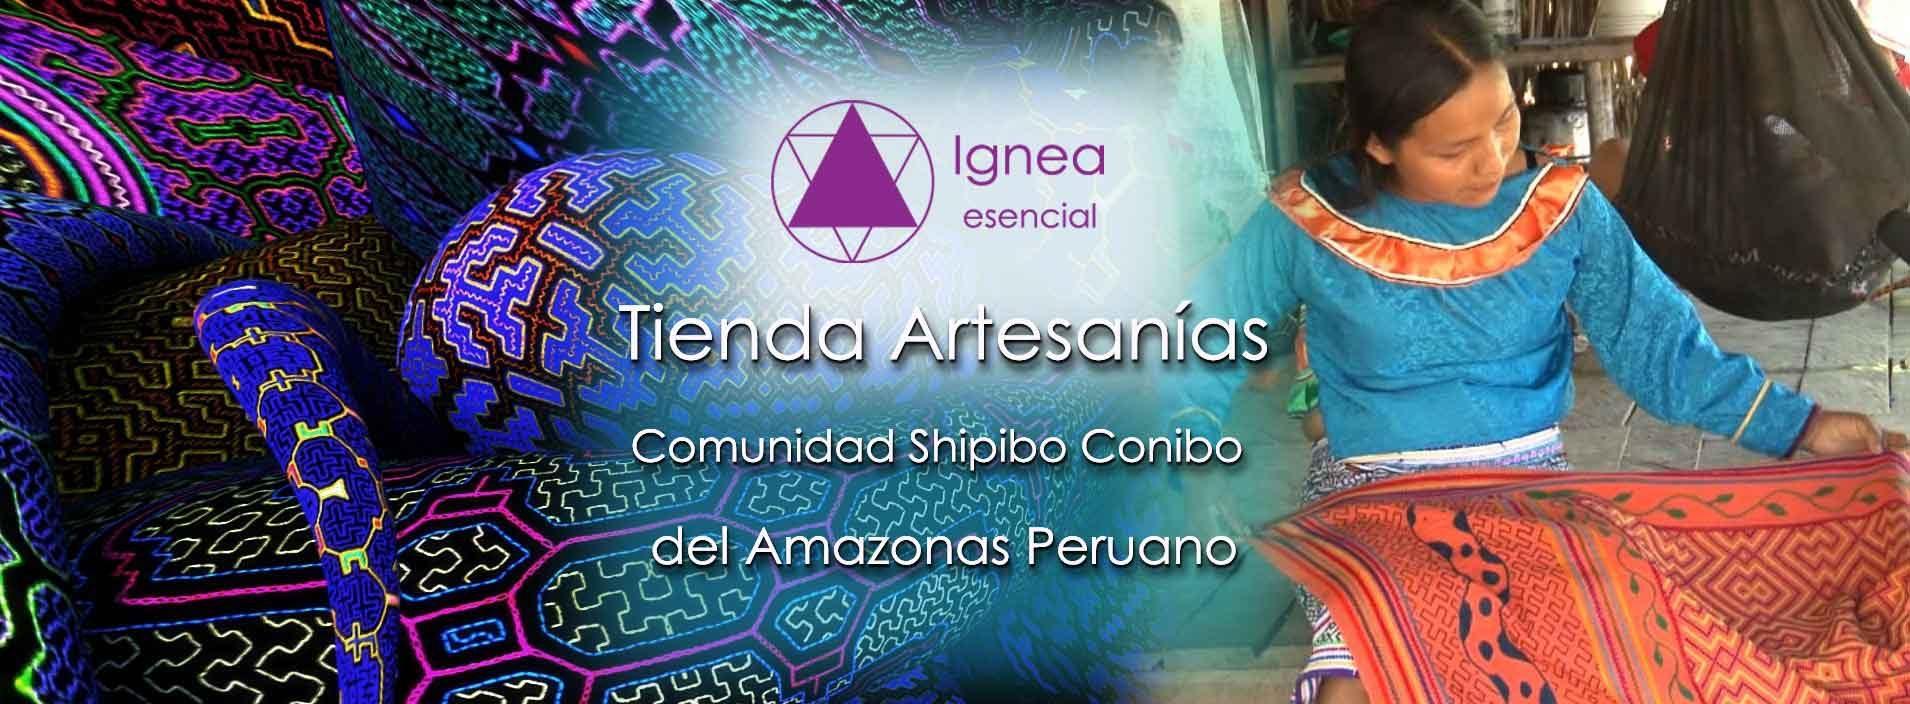 Tienda Artesanias Shipibo Conibo